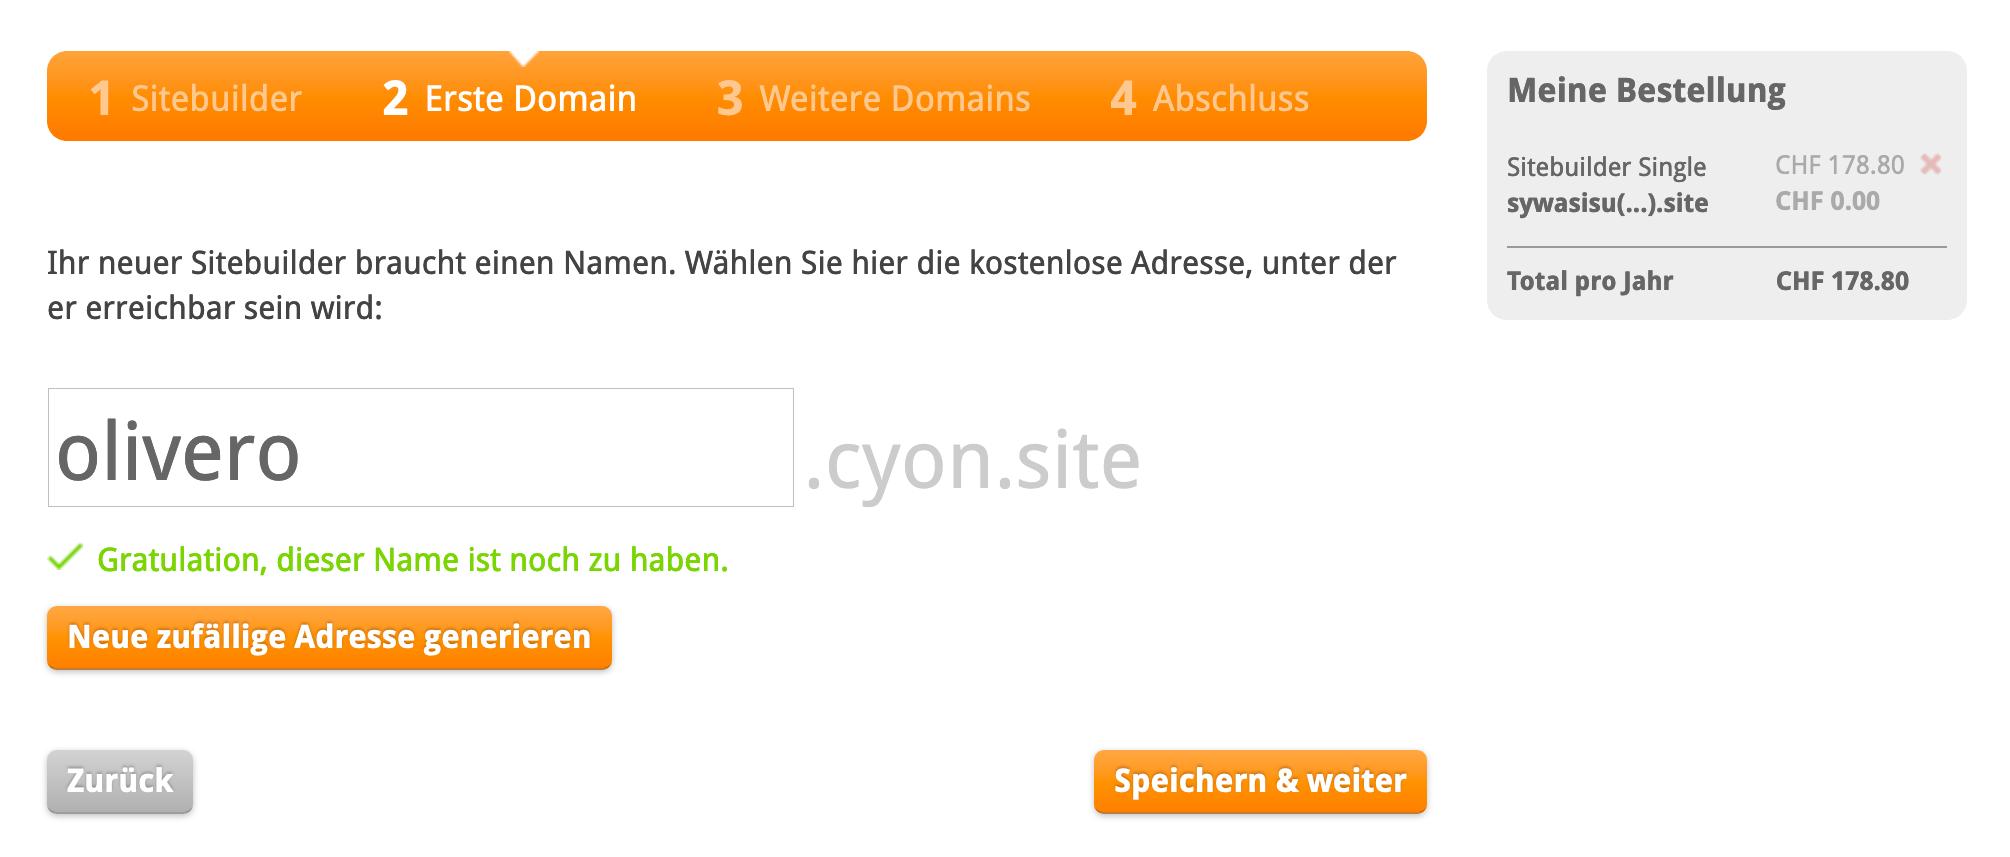 Eingabe Ihrer eigenen Sitebuilder-Adresse